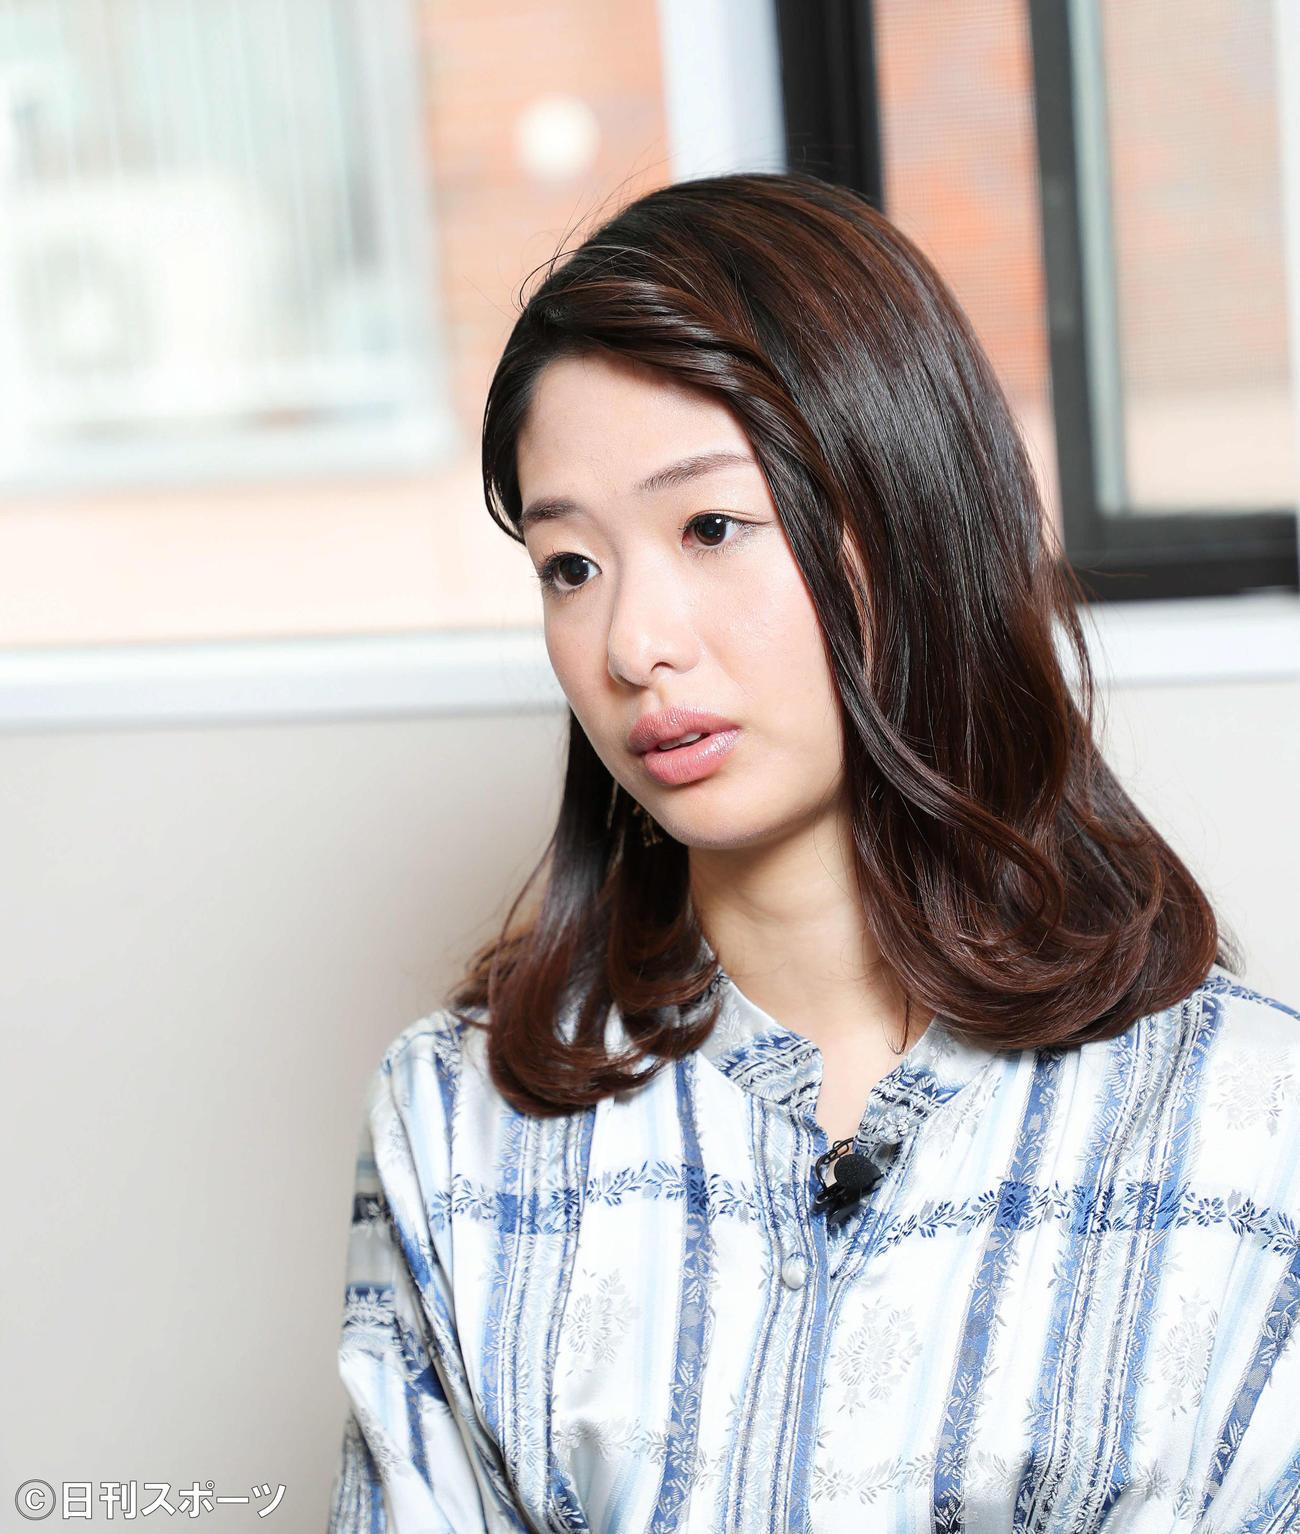 インタビューに答える川上奈々美(撮影・河田真司)